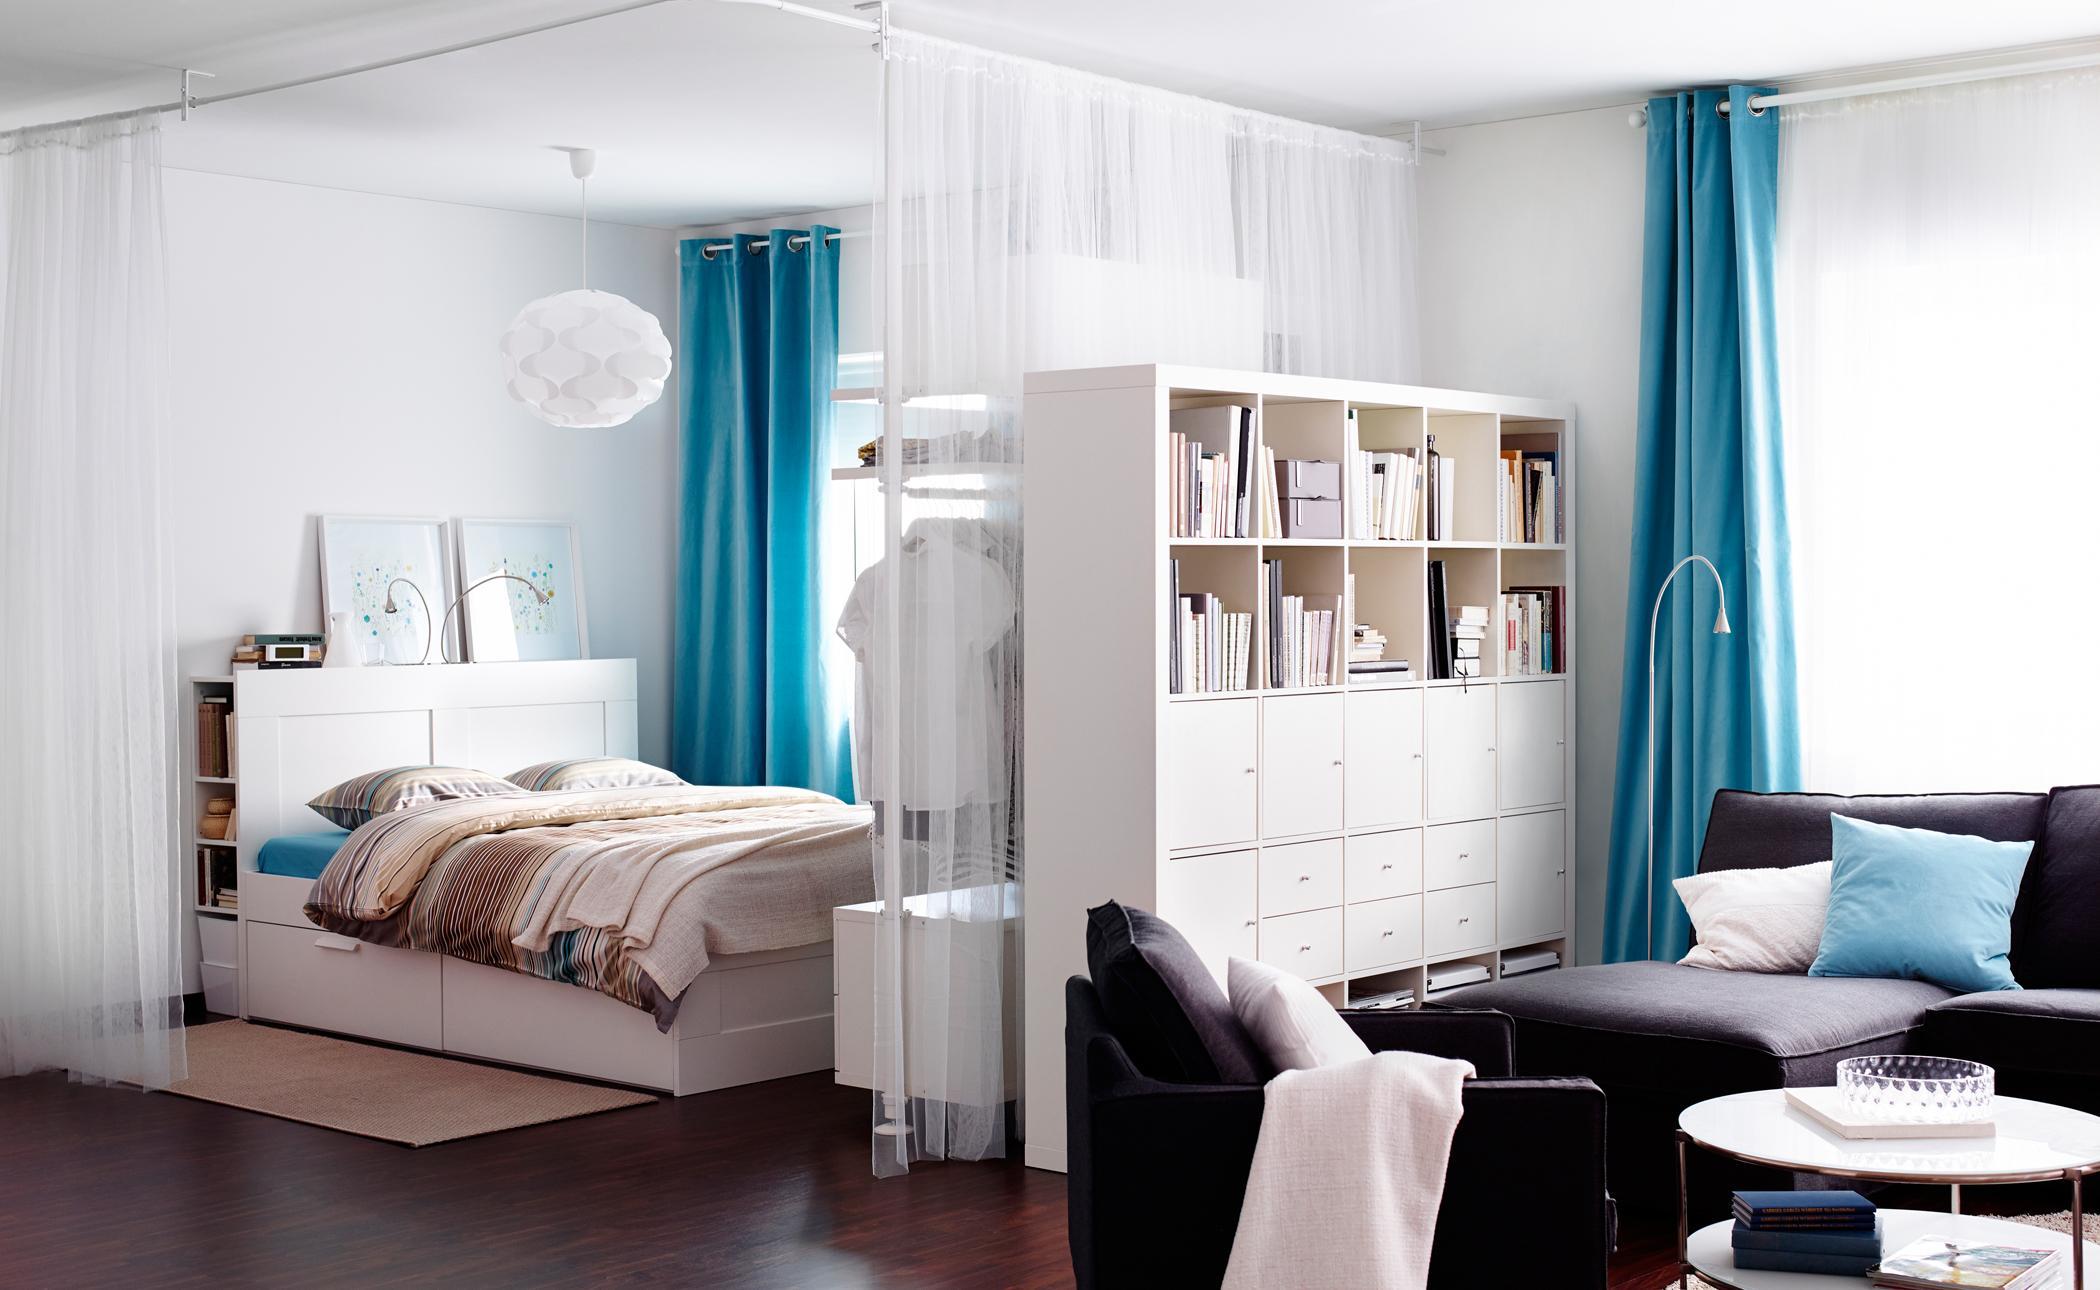 Full Size of Ikea Raumteiler Küche Kosten Modulküche Sofa Mit Schlaffunktion Betten 160x200 Miniküche Regal Bei Kaufen Wohnzimmer Ikea Raumteiler